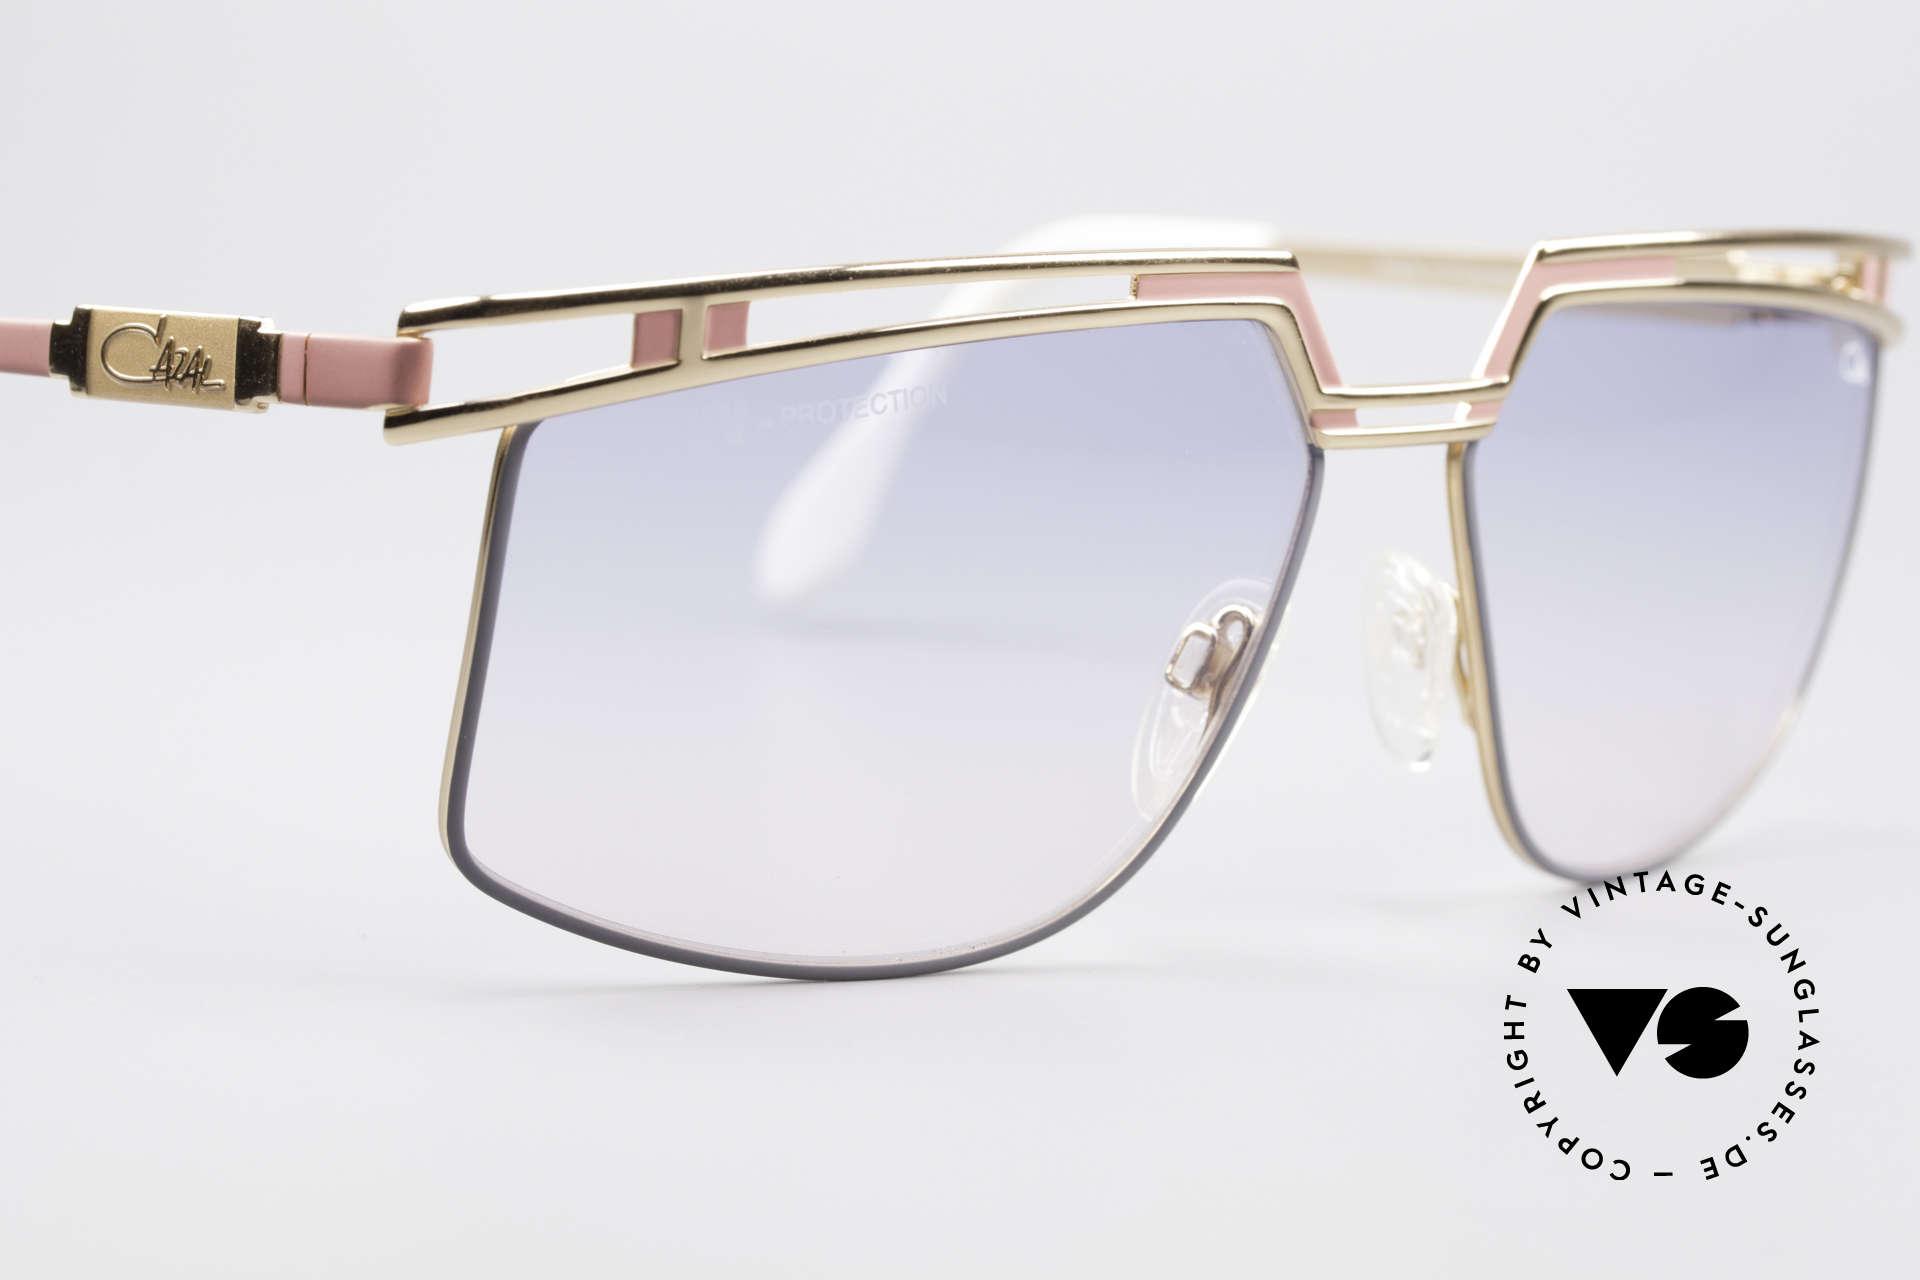 Cazal 957 Grosse HipHop Vintage Brille, ein altes Original mit orig. Verpackung; Sammlerstück, Passend für Herren und Damen